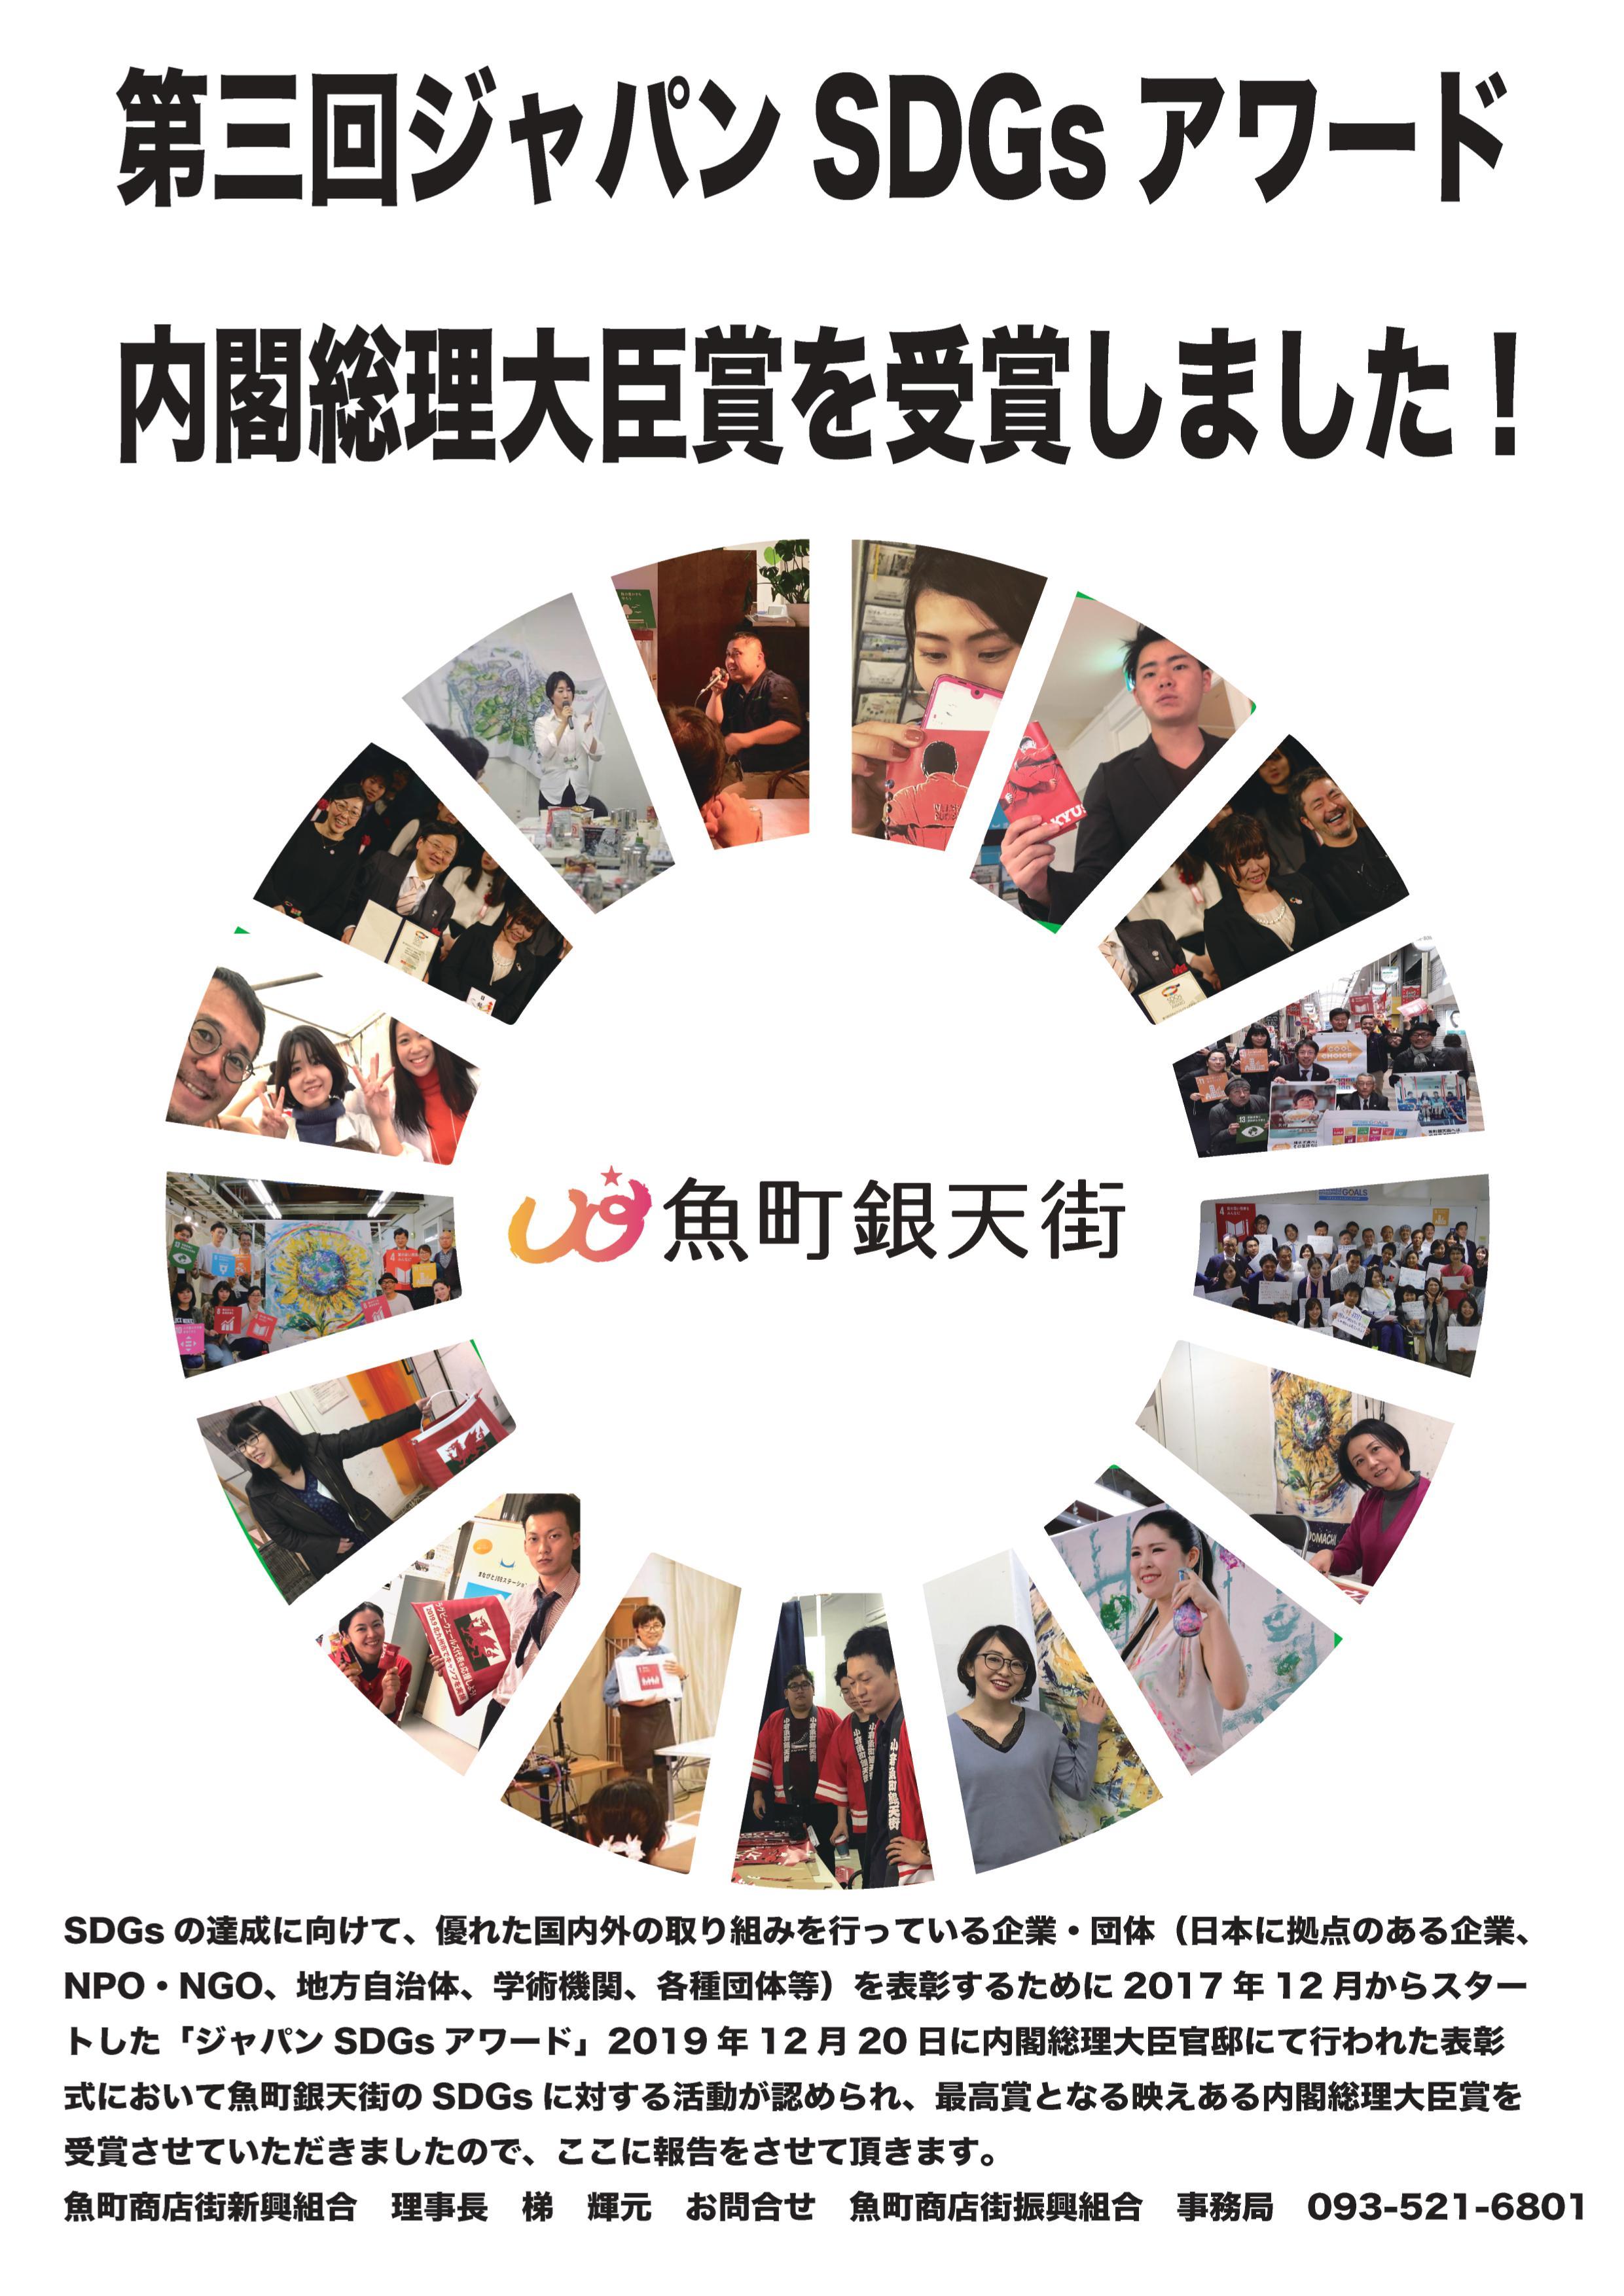 第3回ジャパンSDGsアワード